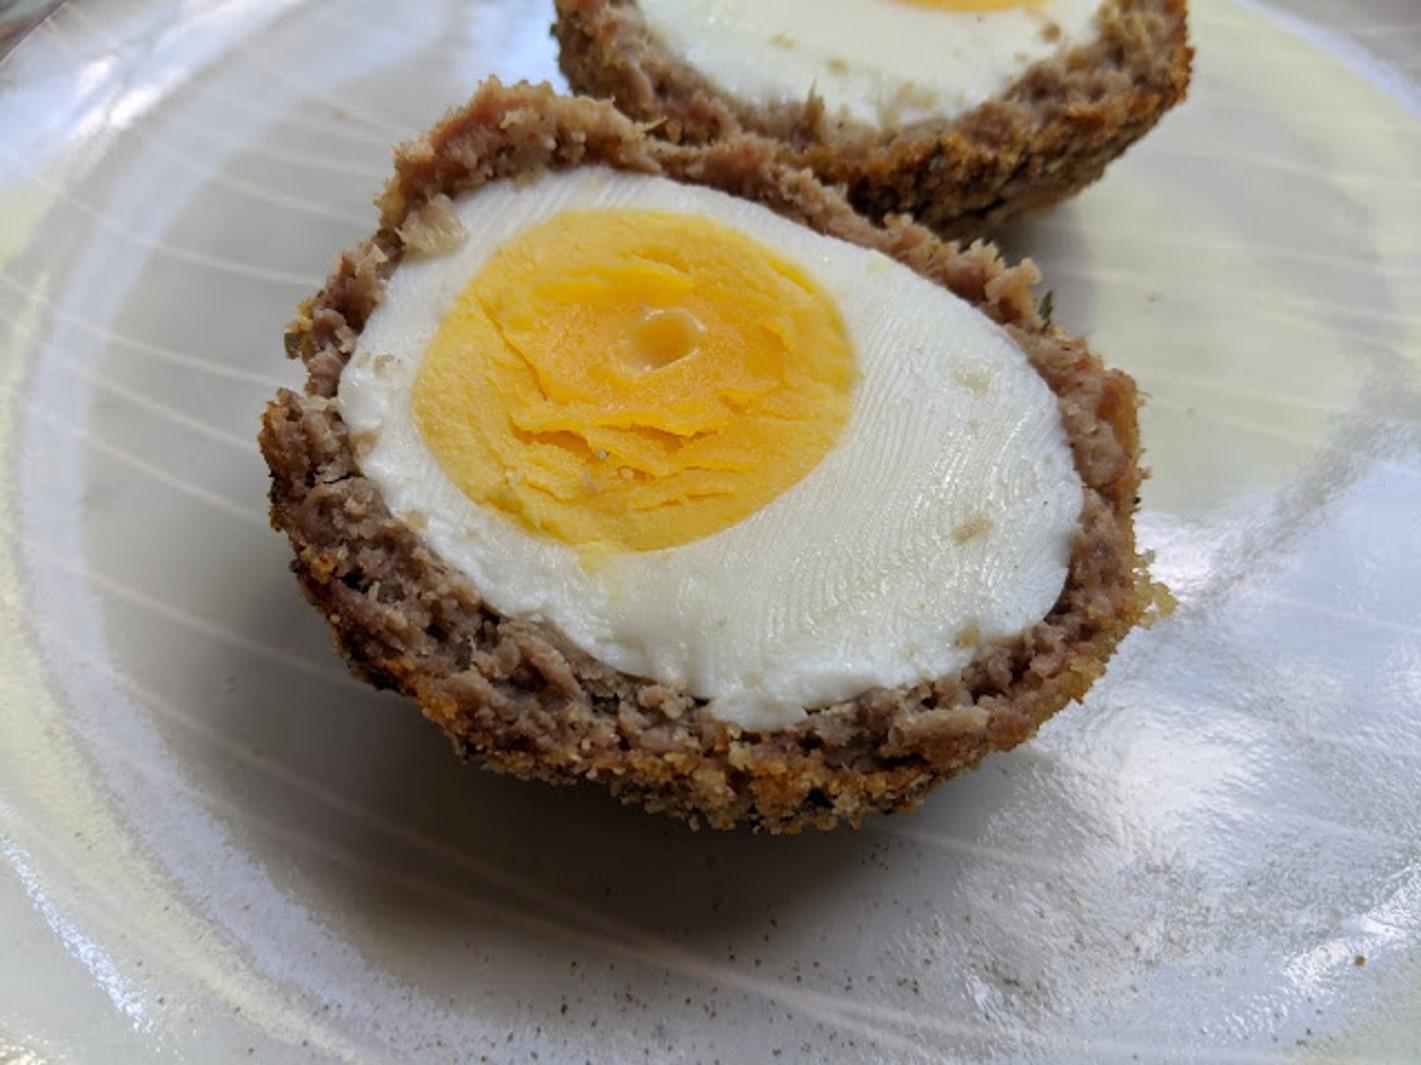 Baked Scotch Eggs Rebekah Rose Hills